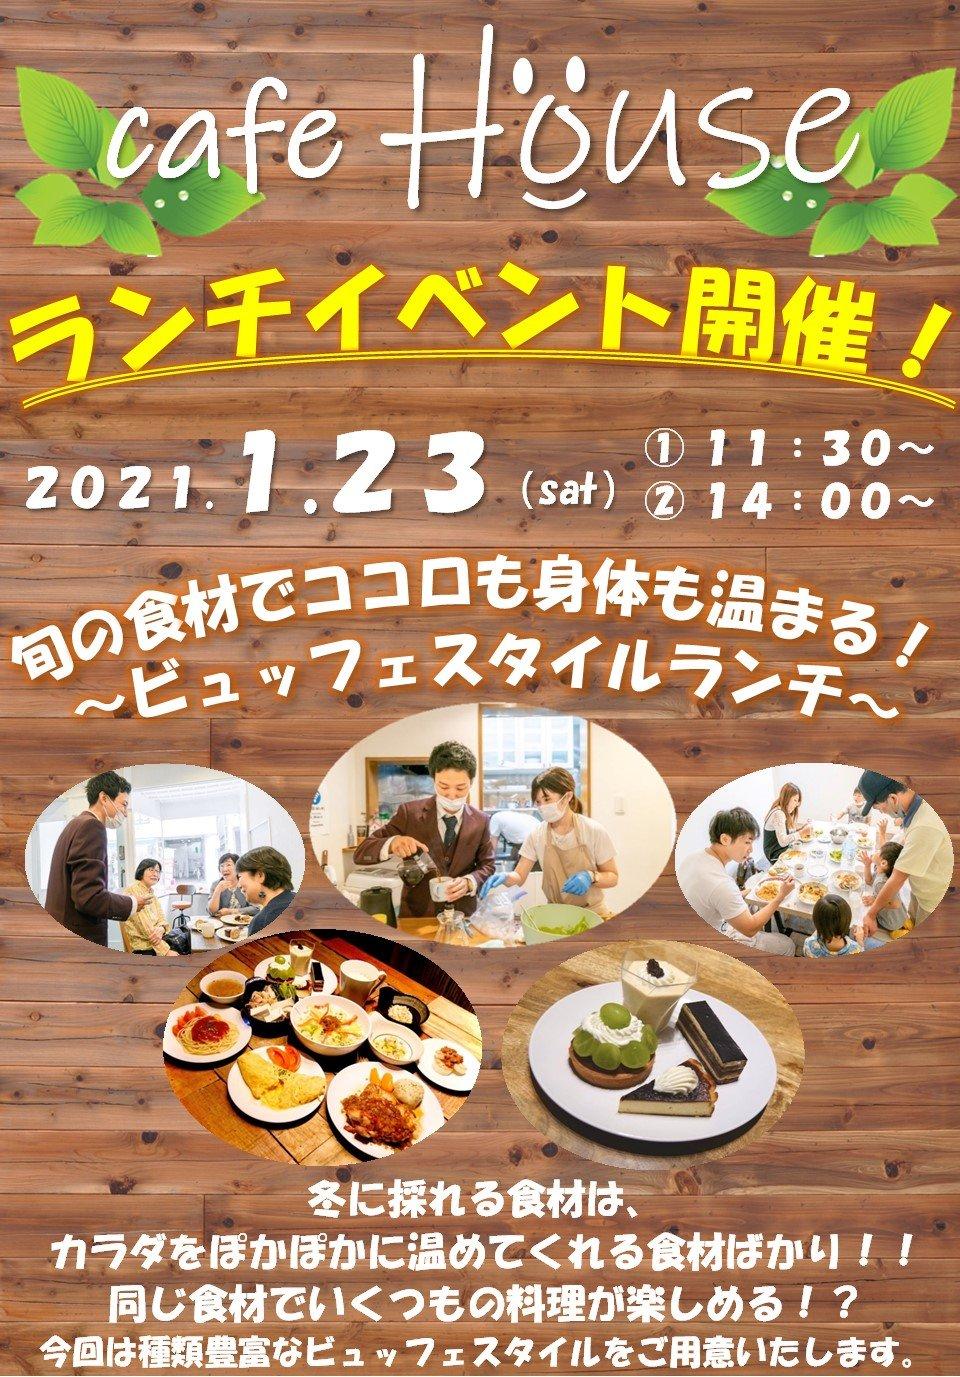 ☆1月23日開催 11時30分〜13時枠☆ スペシャルビュッフェ!のイメージその1